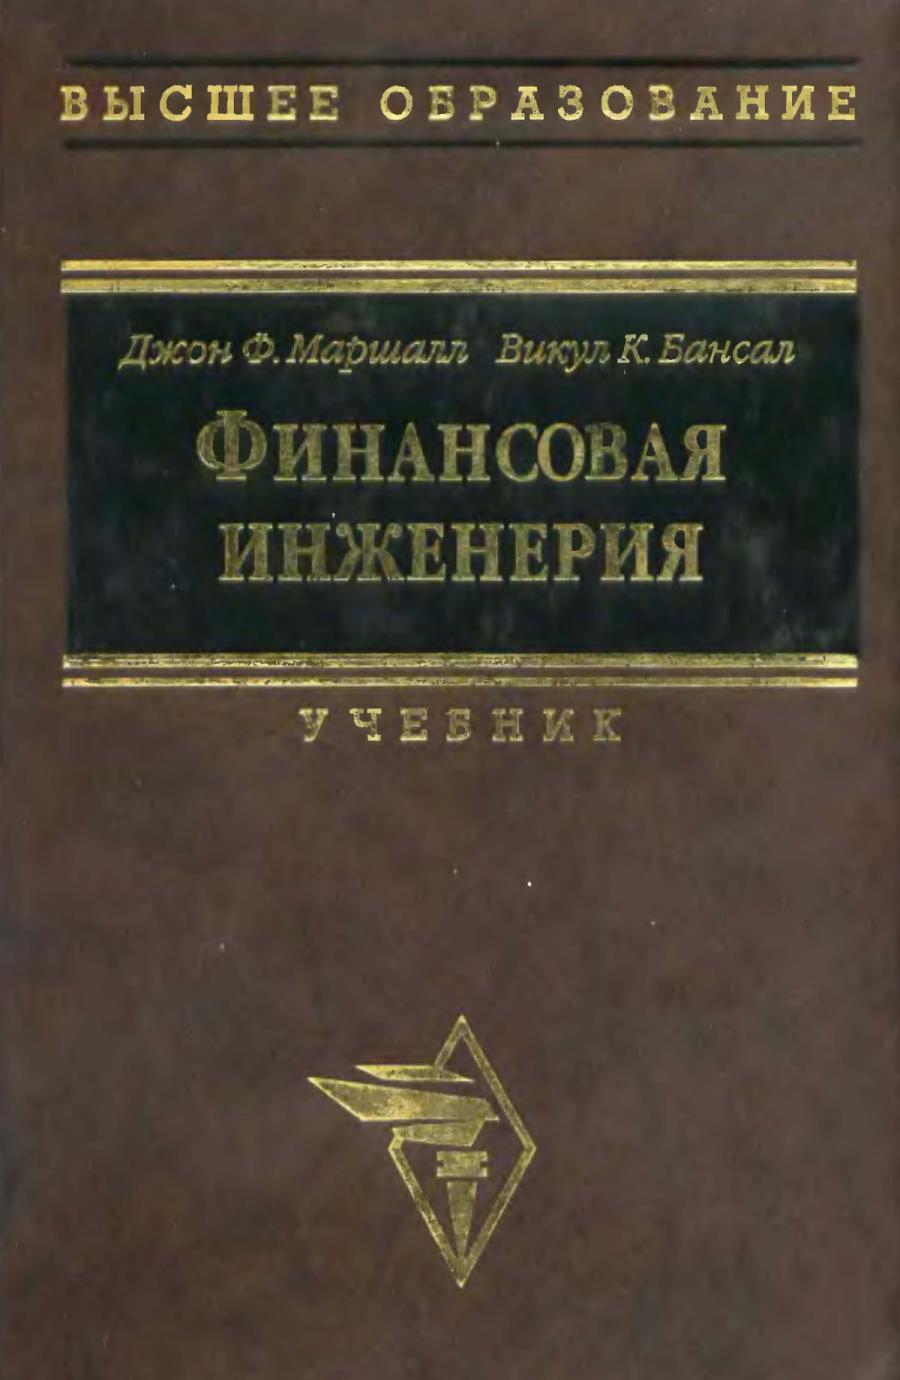 Обложка книги:  маршалл джон ф., бансал викул к. - финансовая инженерия. полное руководство по финансовым нововведениям